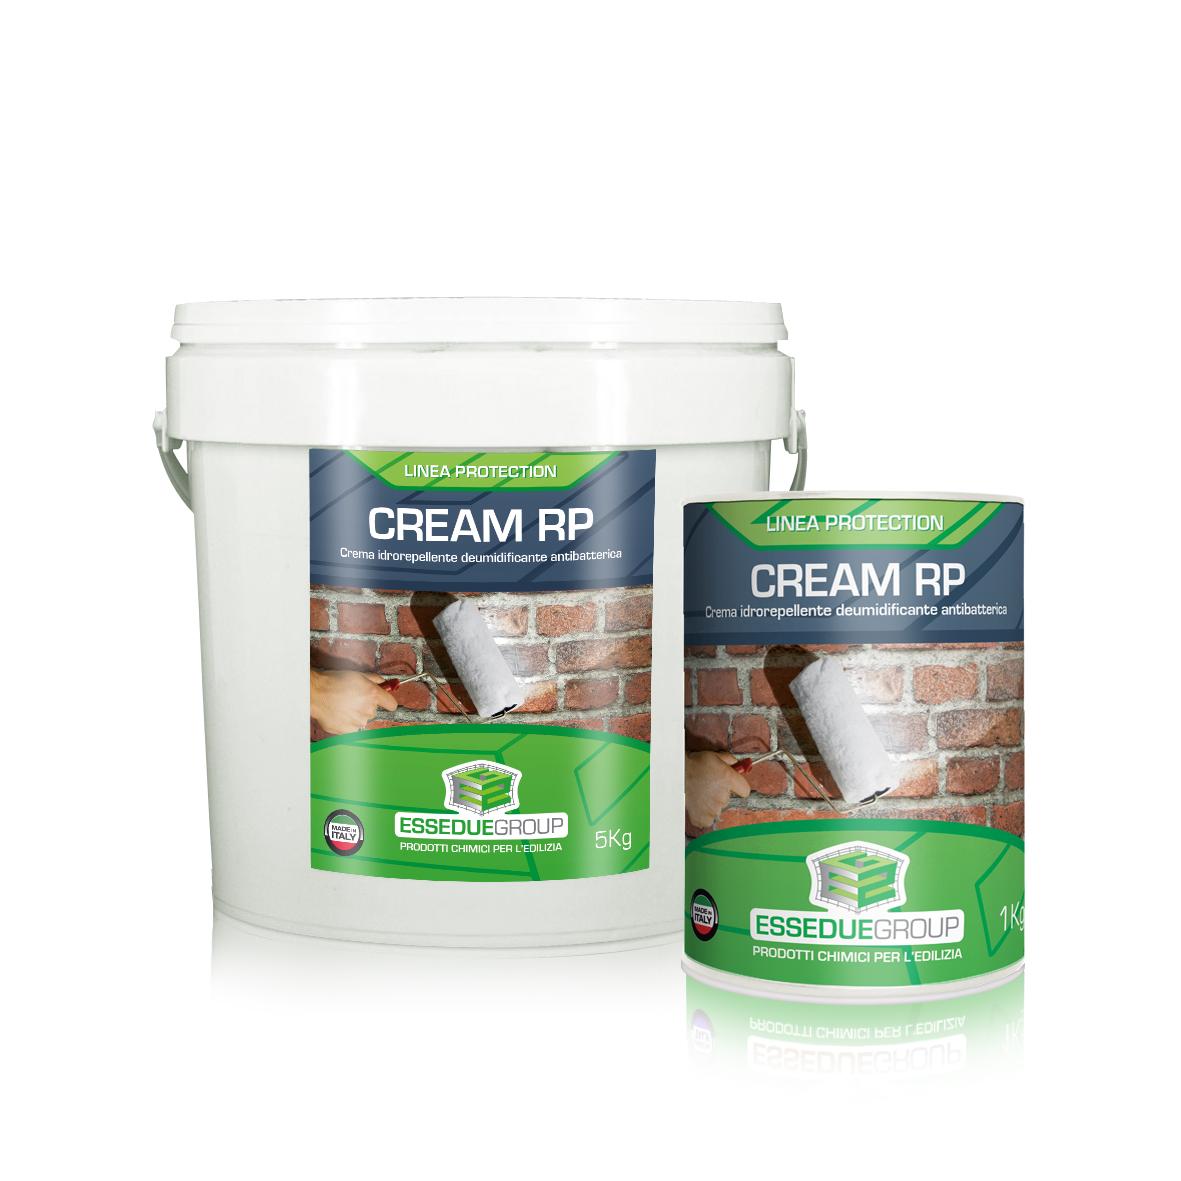 Cream RP